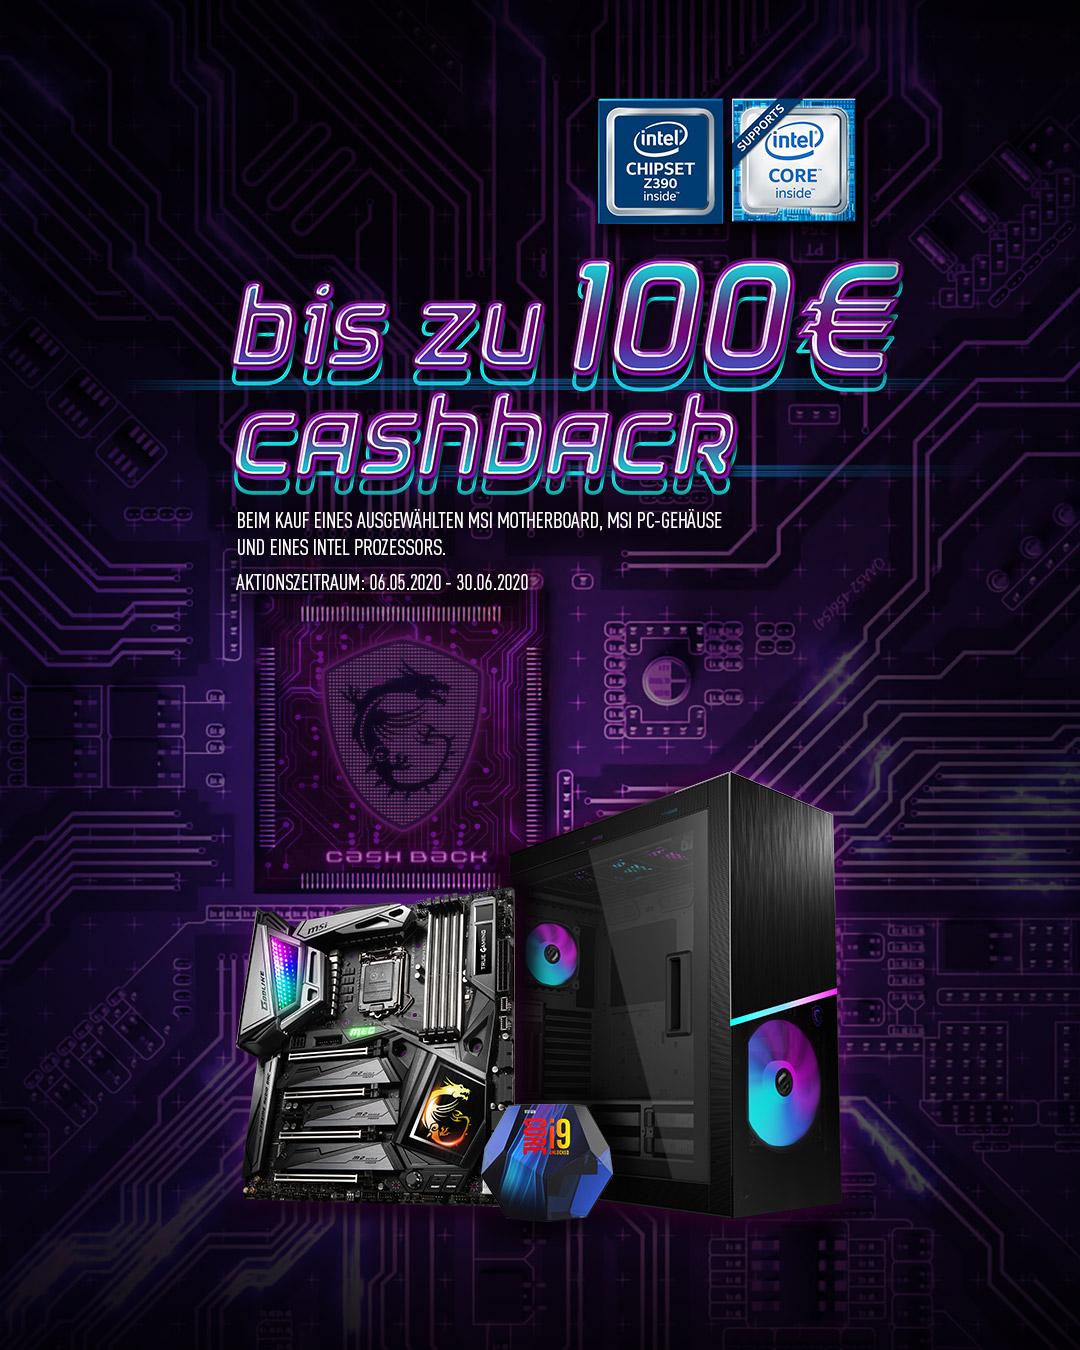 Z390 Cashback